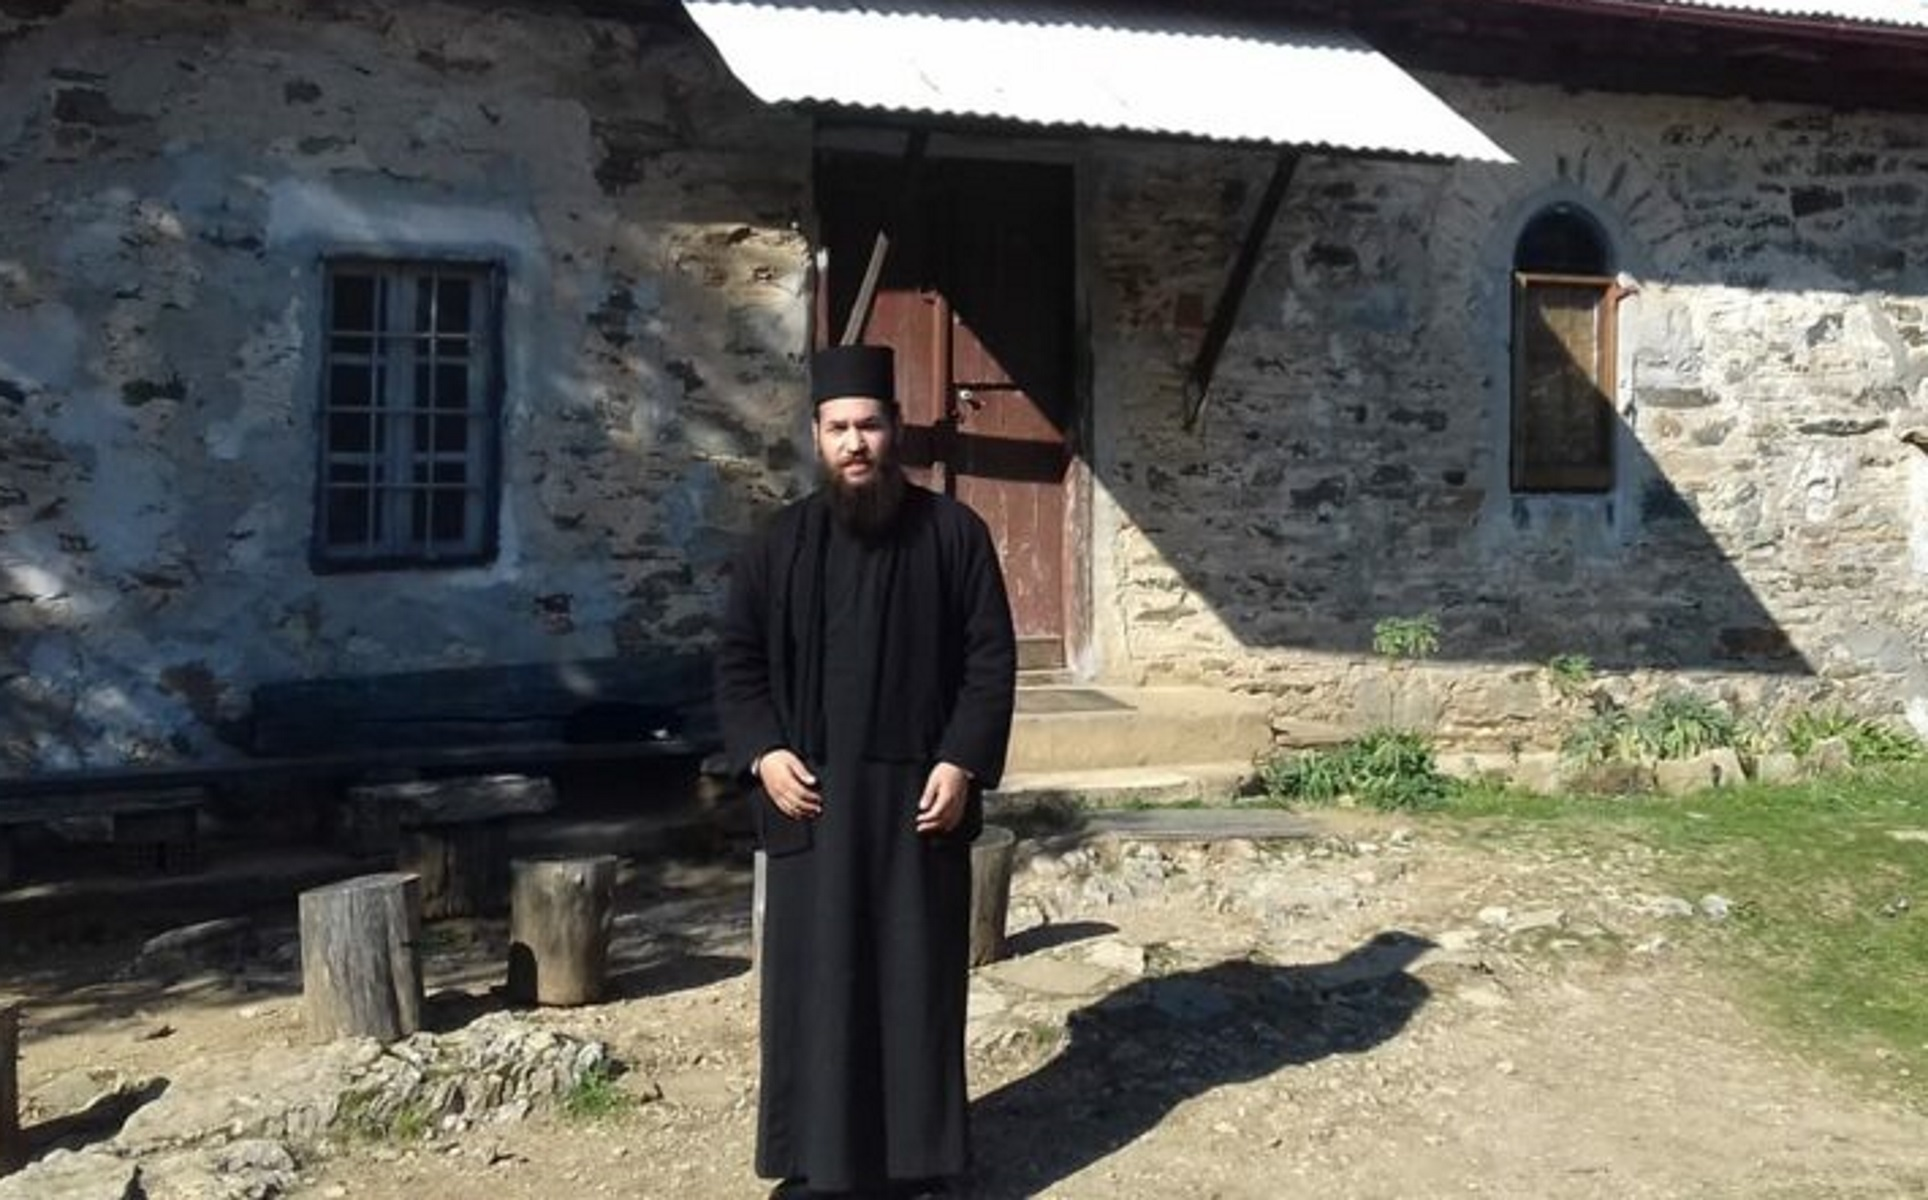 Αυτός είναι ο ιερέας που επιτέθηκε με καυστικό υγρό στους Μητροπολίτες